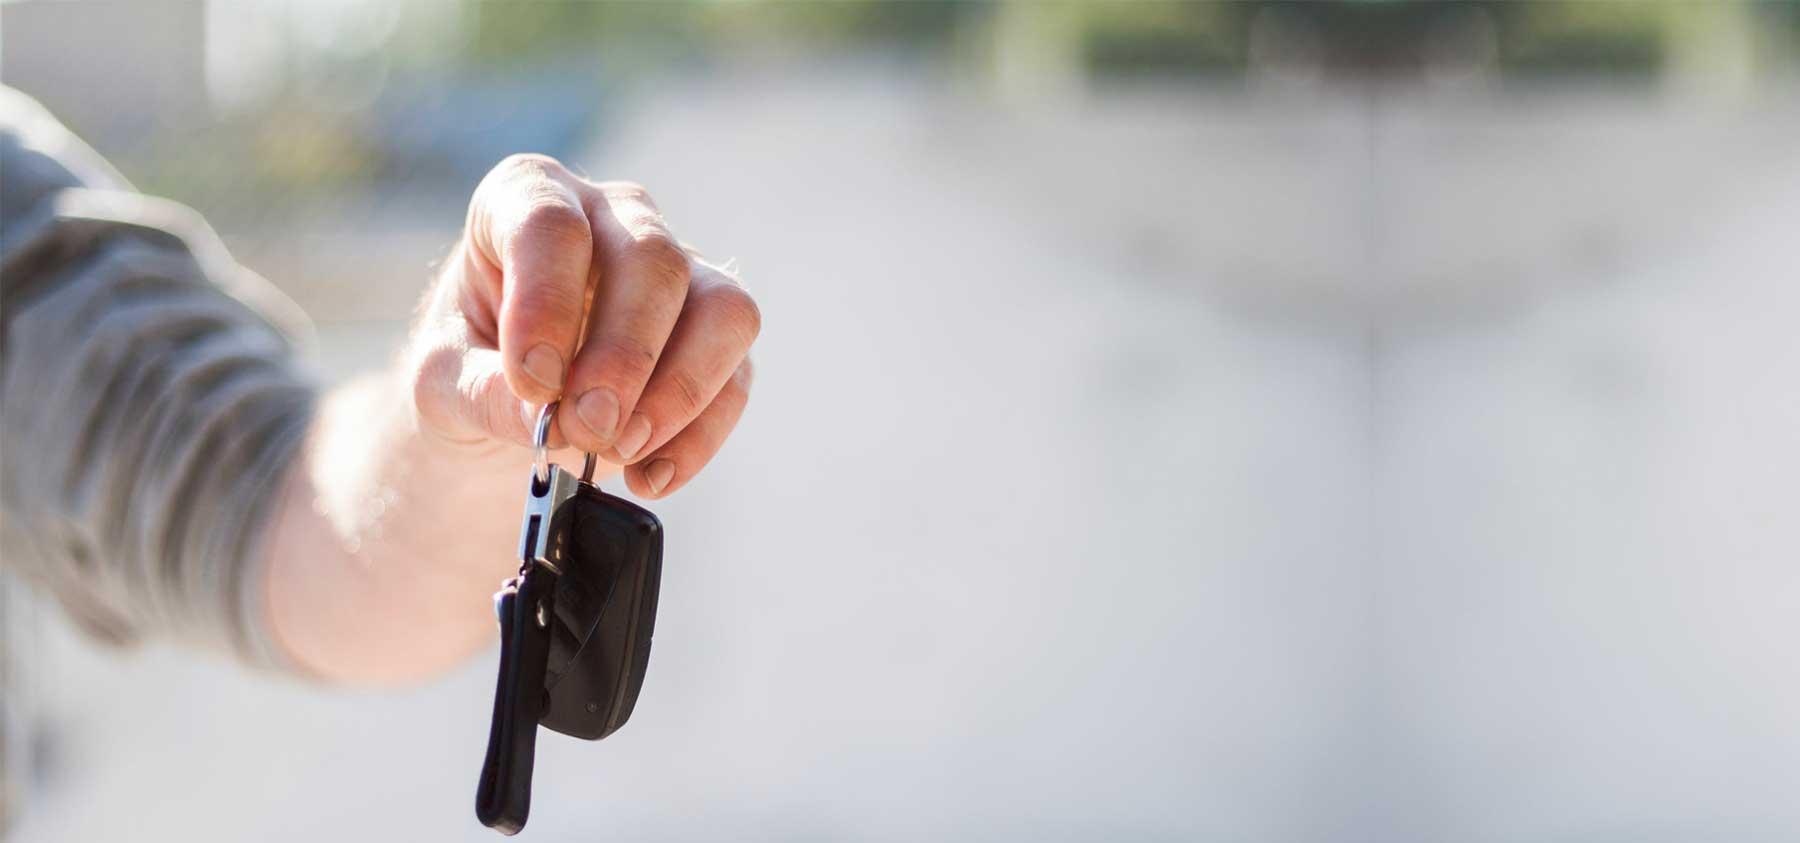 apply online car loan